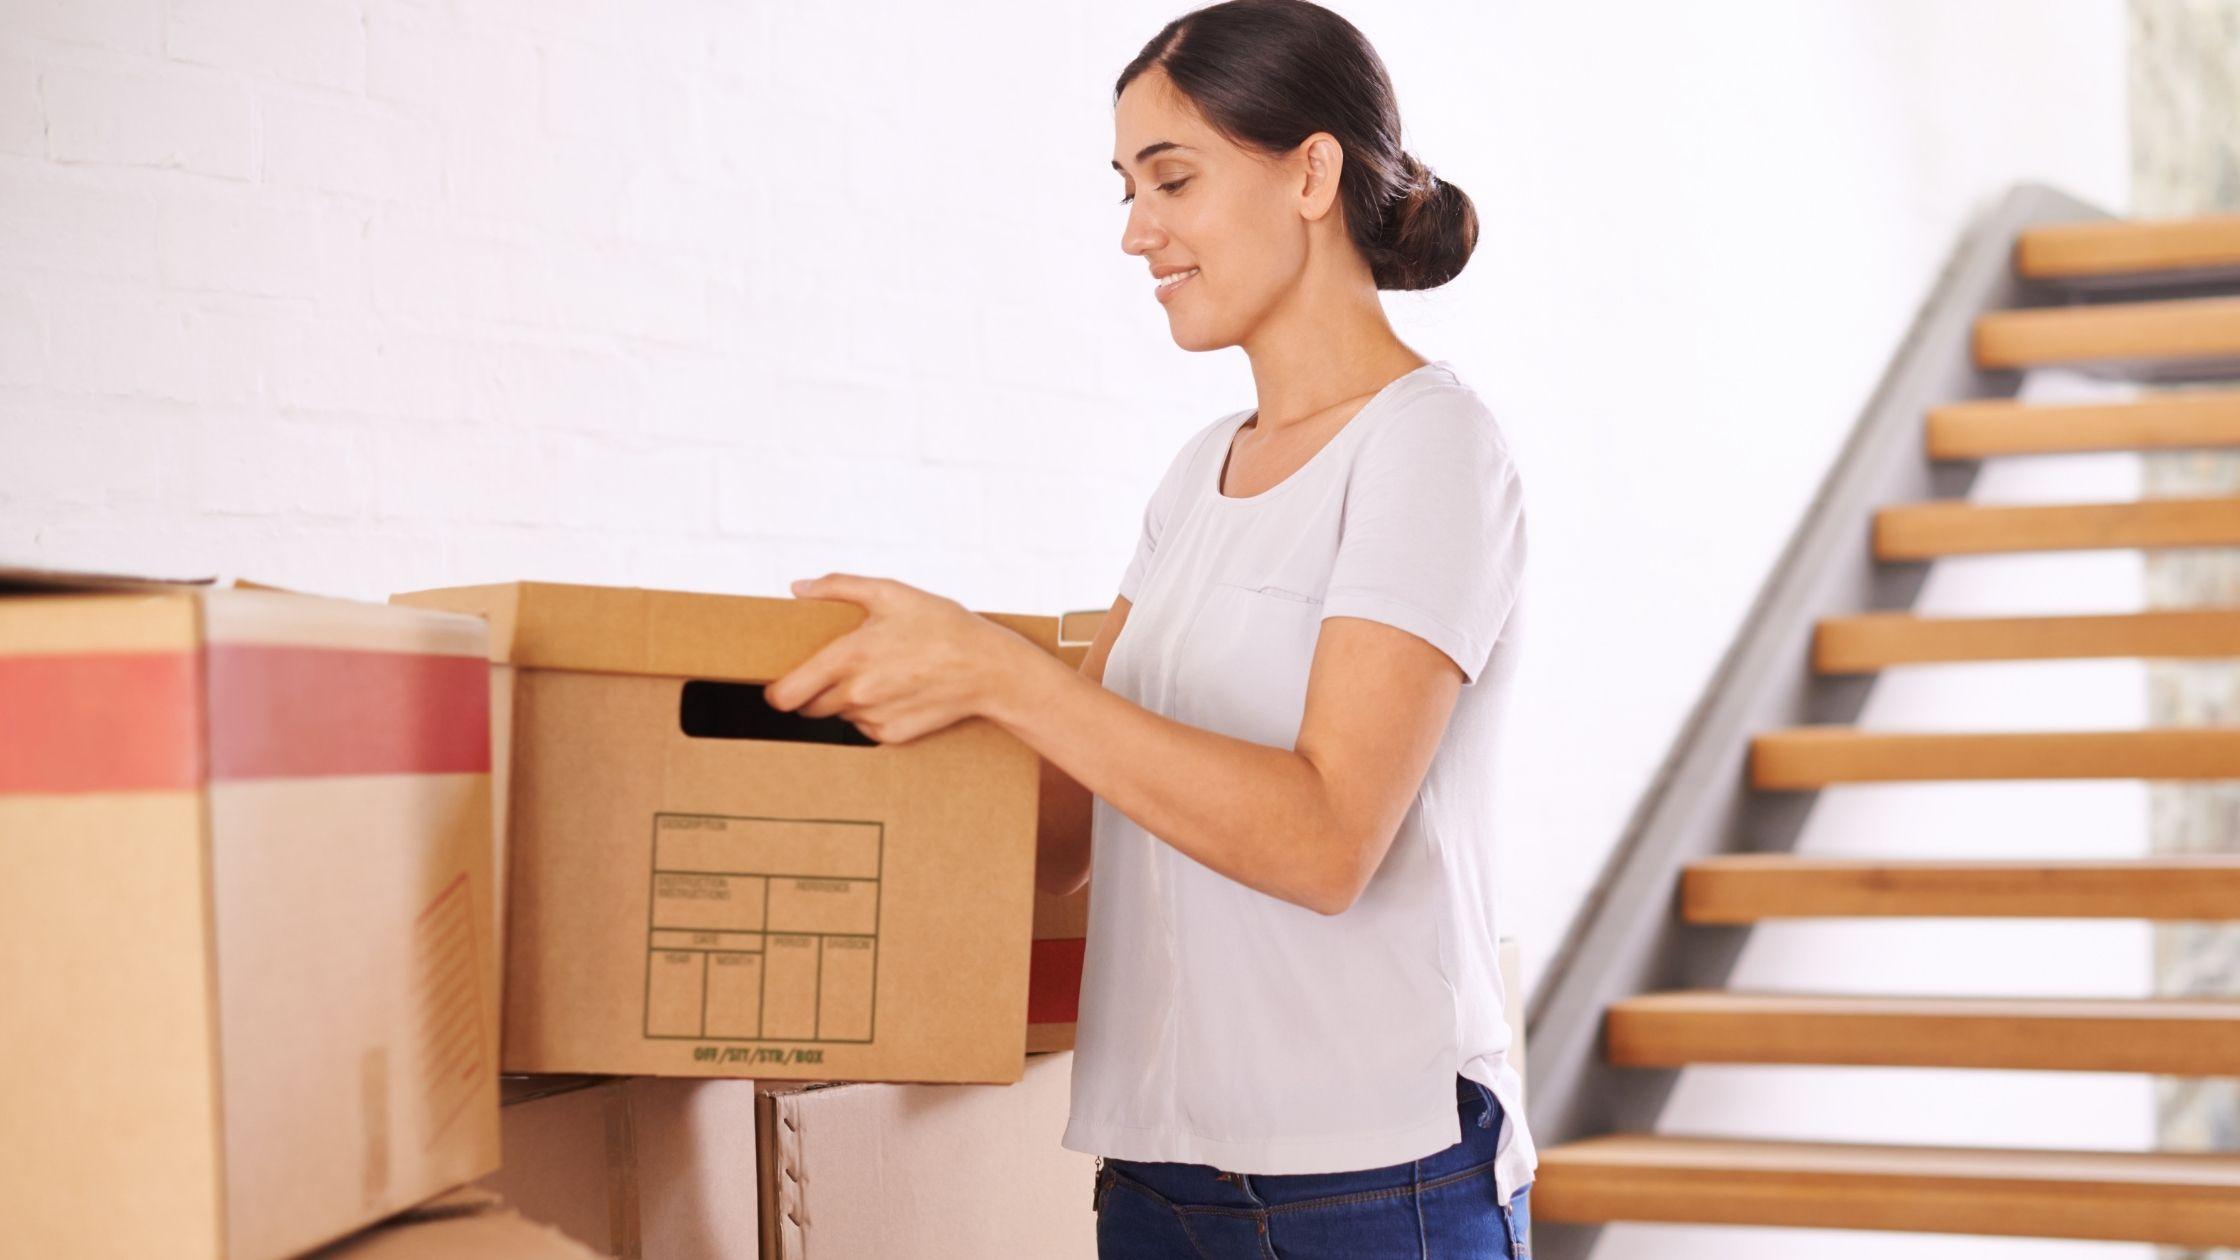 photo d'une femme qui soulève une boîte en carton, comme si c'était pour un déménagement, elle est vêtue d'un jean et d'un t-shirt blanc, elle sourit et a les cheveux attachés, elle est devant un escalier, cette image appartient à l'article intitulé 'Comment recommencer la vie'